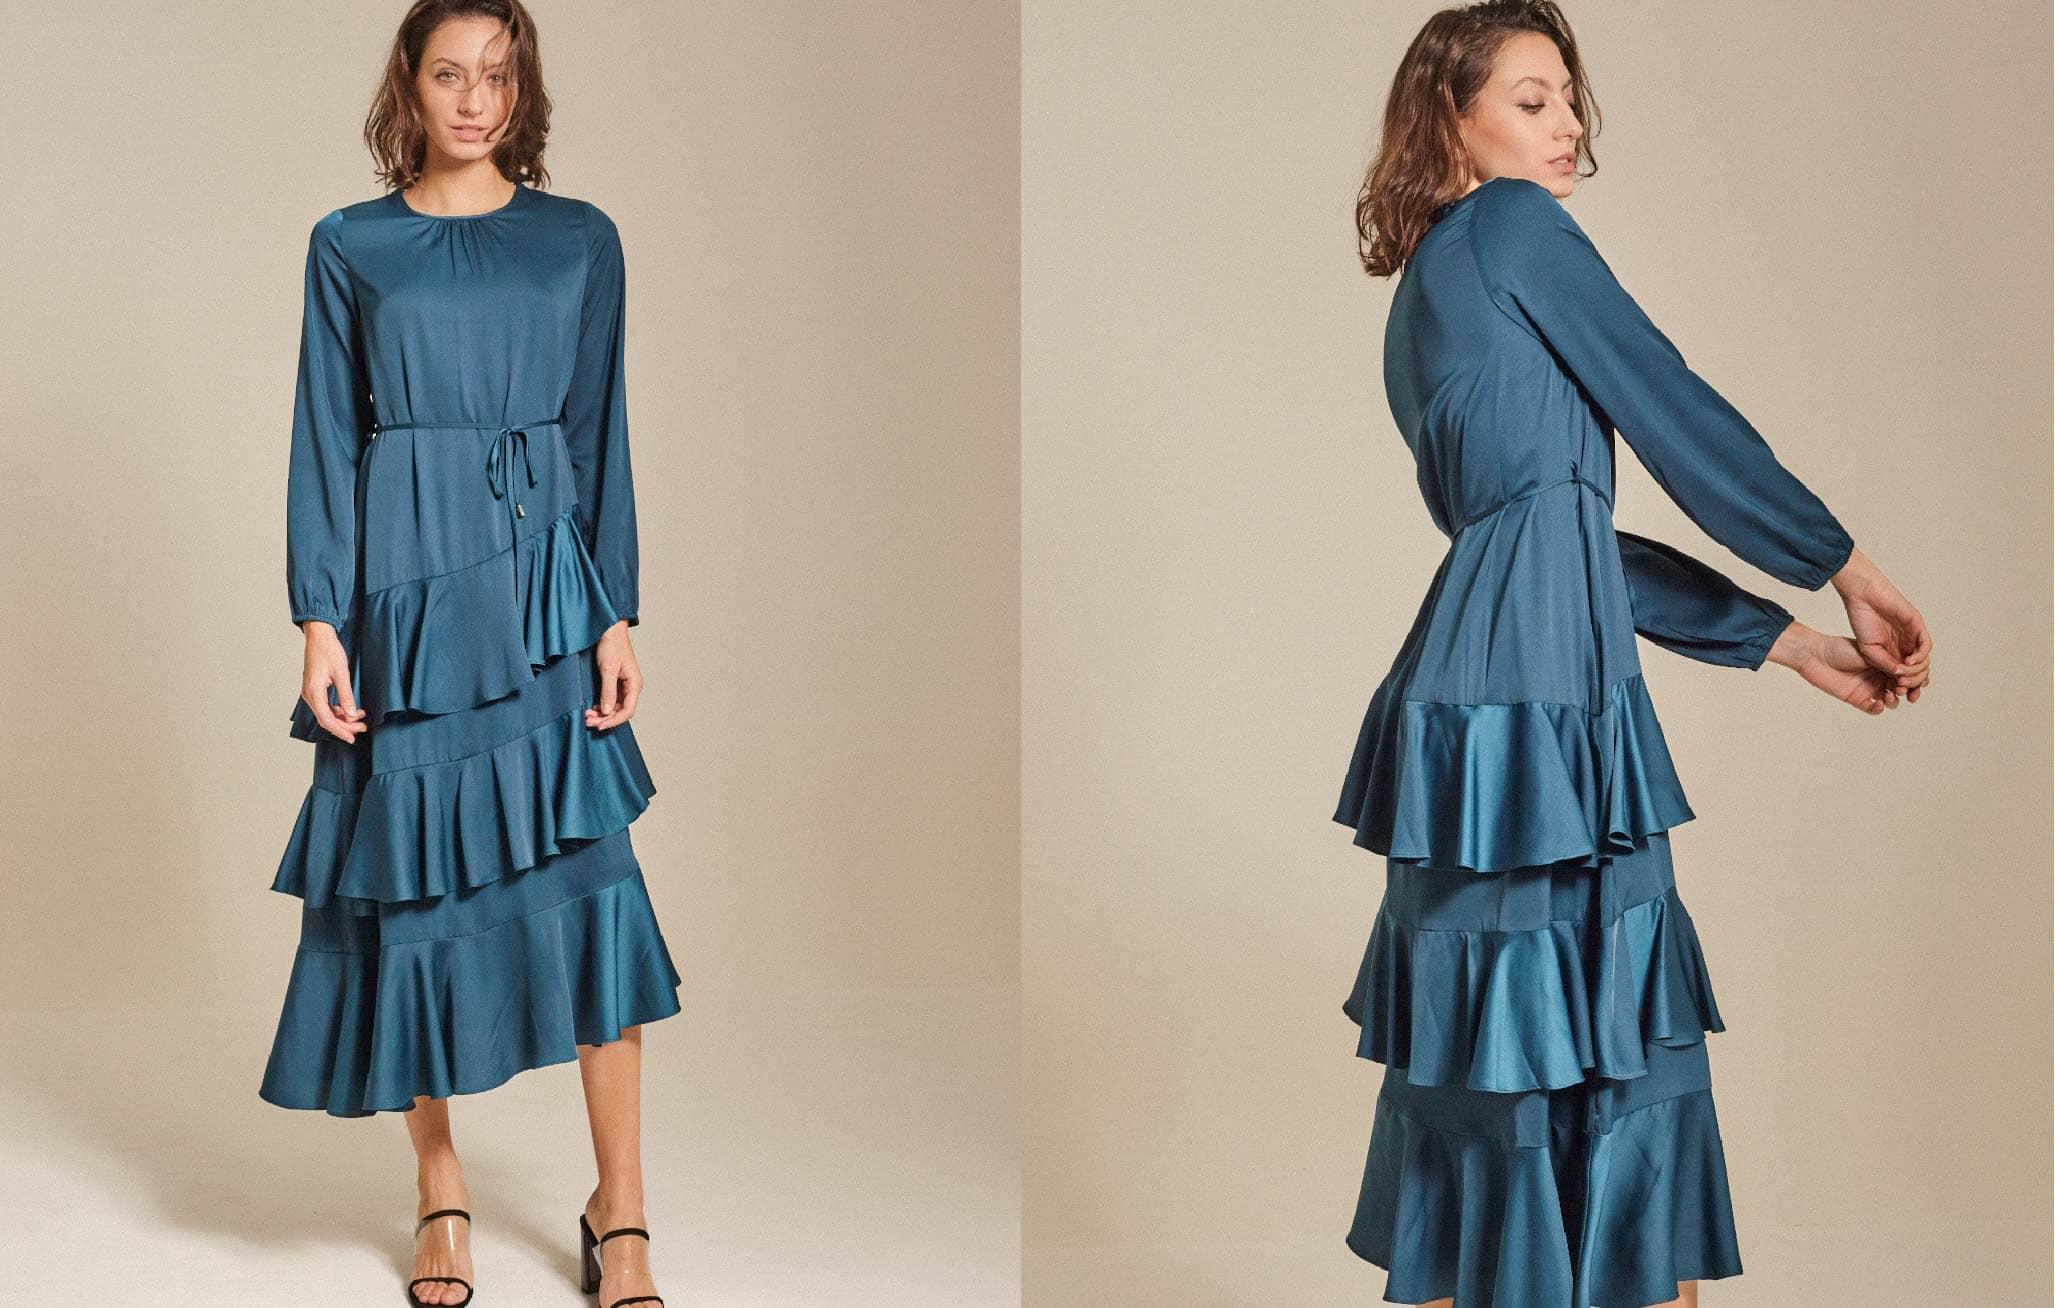 Tiered Satin Maxi Dress